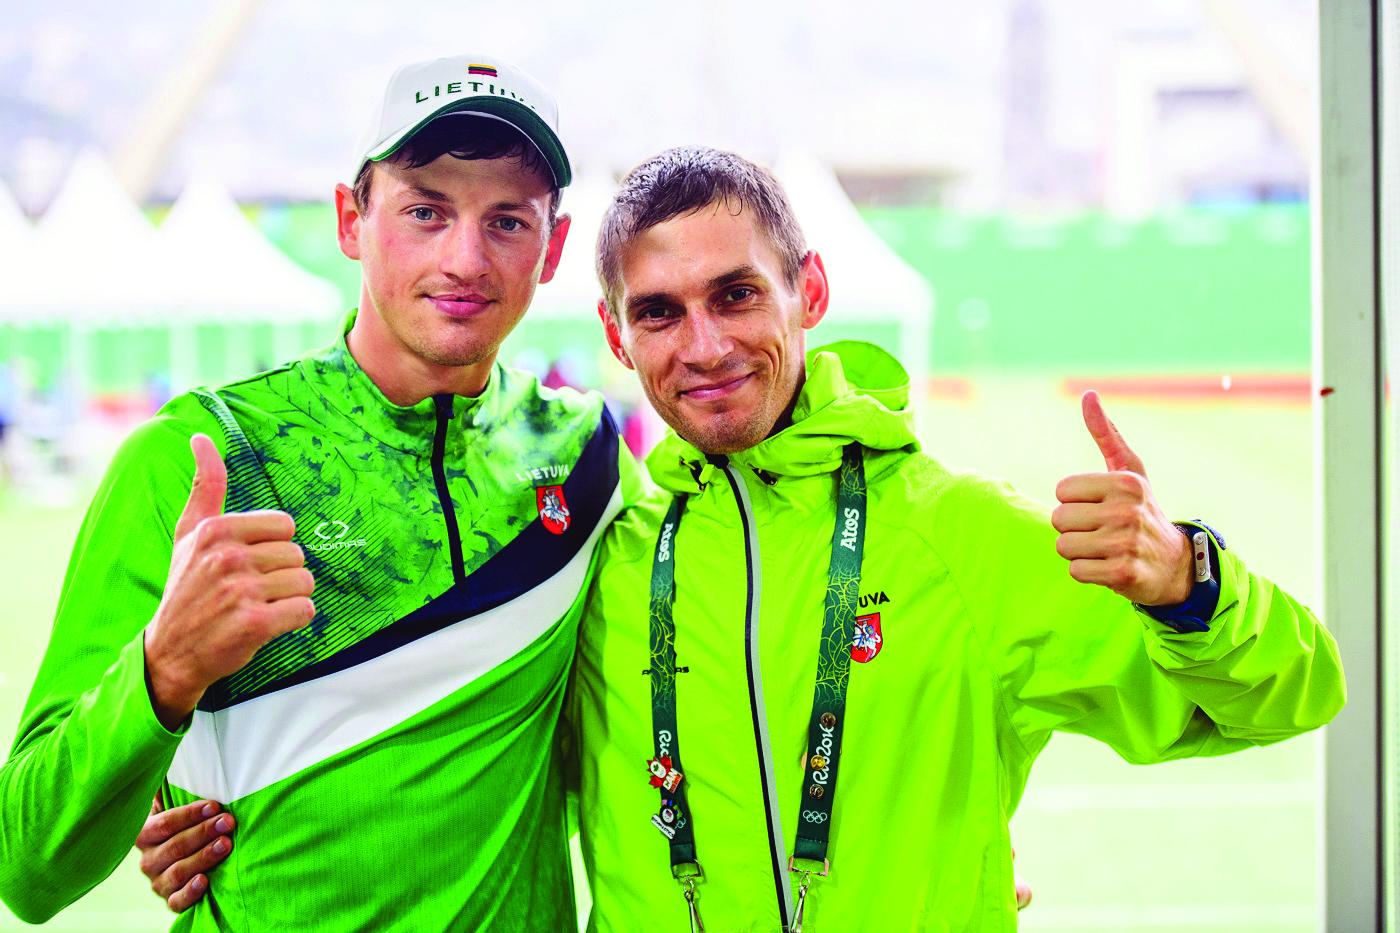 Maratonininkas R. Kančys Rio olimpinėse žaidynėse - 75-as, V. Dopolskas - 111-as.